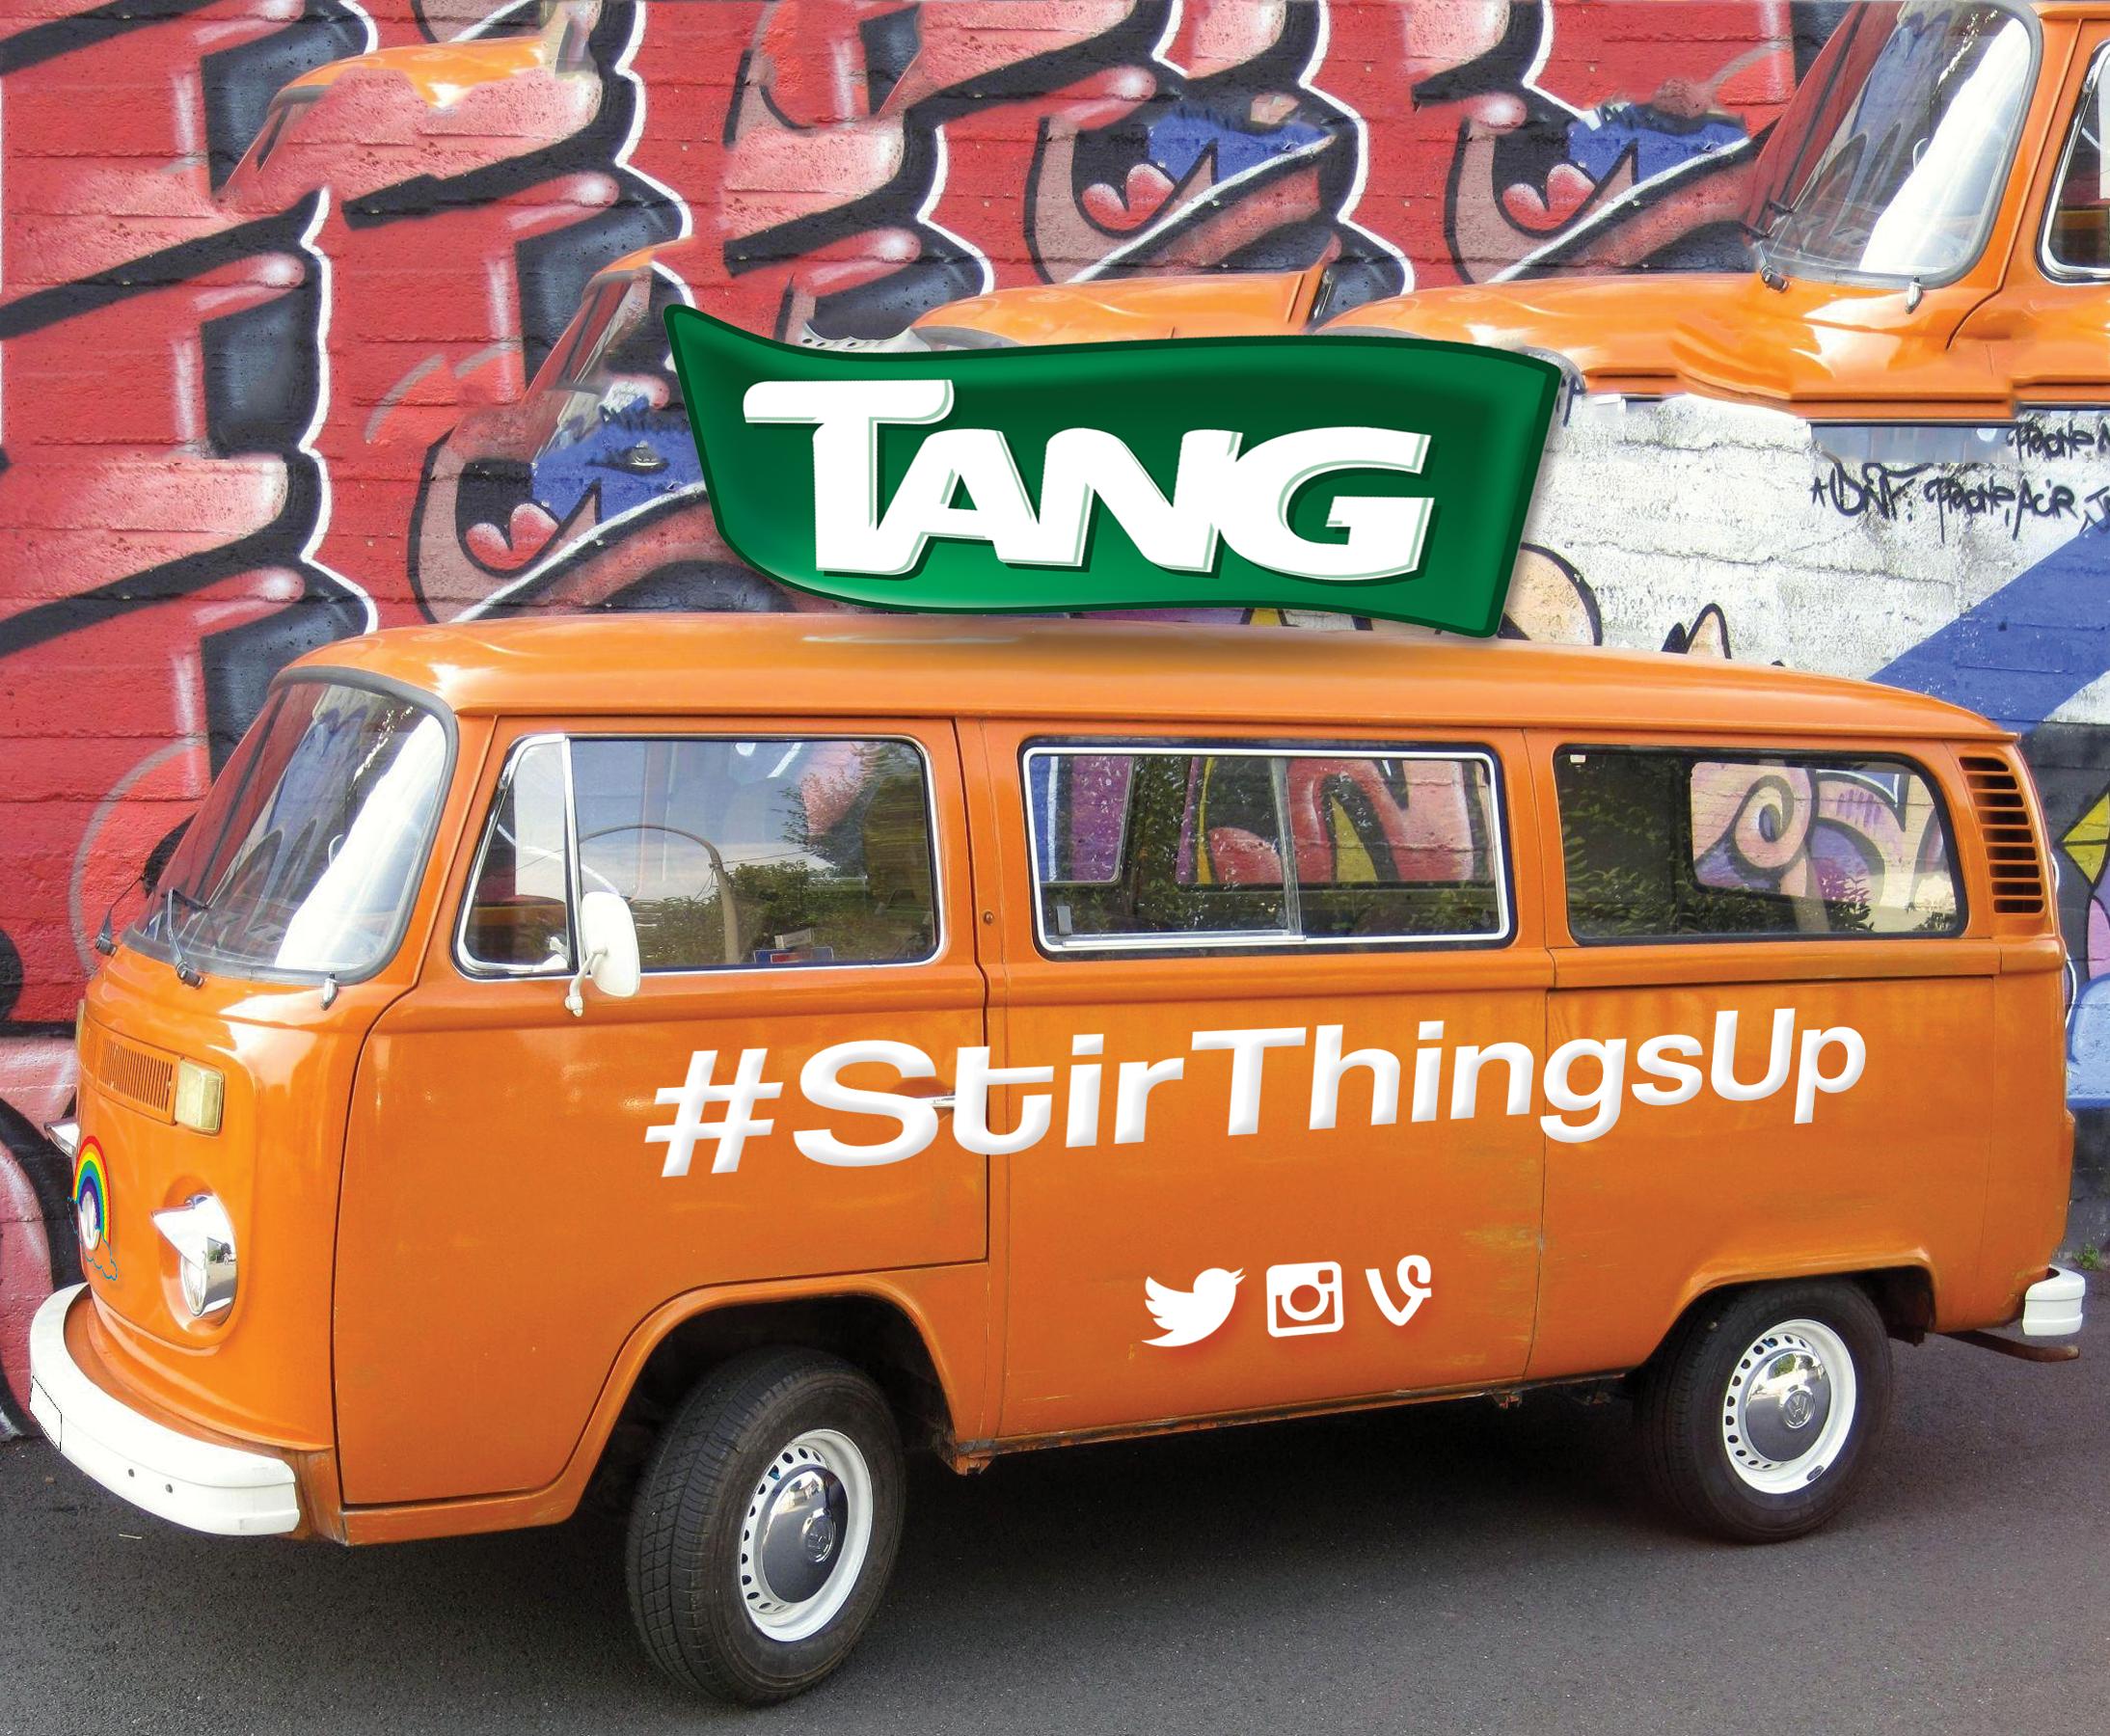 Tang-VW-Van-Side.png